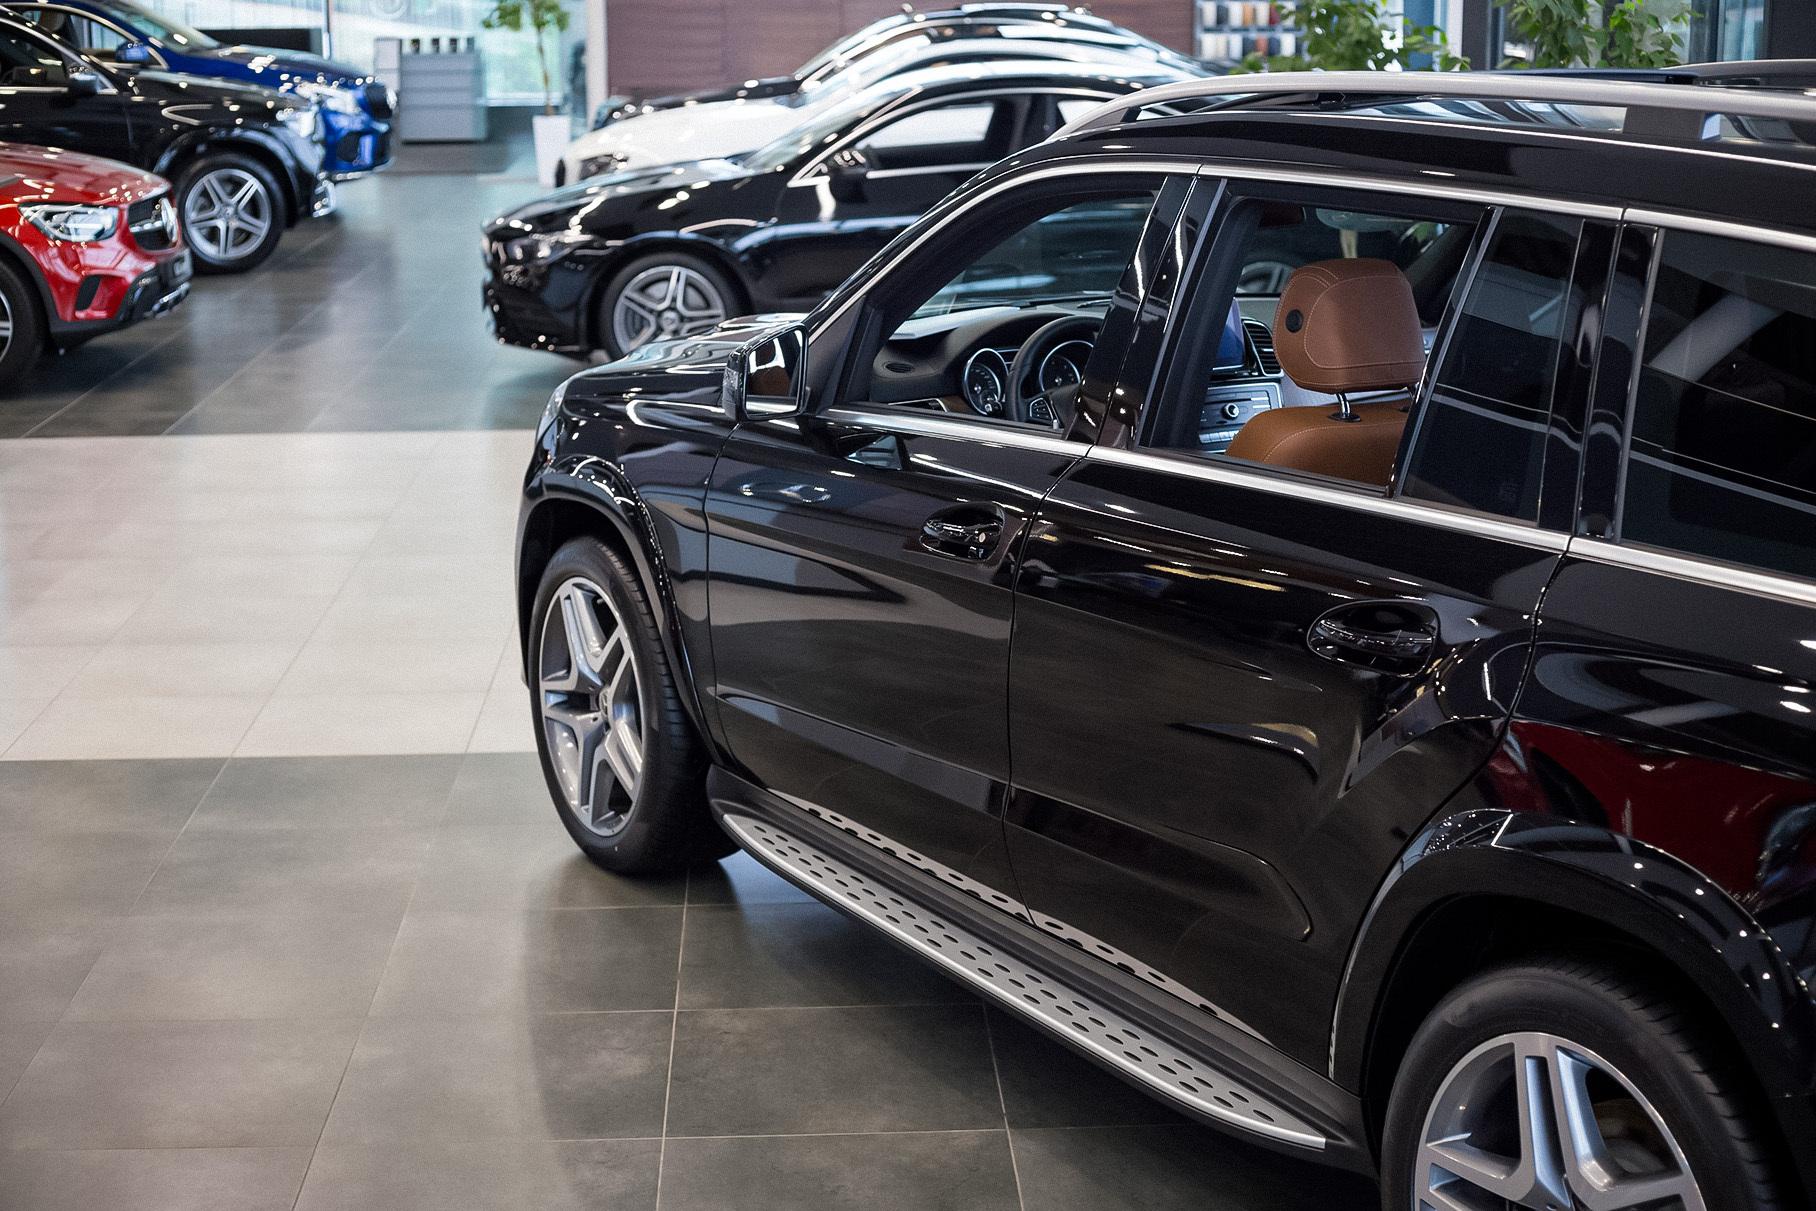 Эксперты прогнозируют падение продаж автомобилей в России в 2021 году